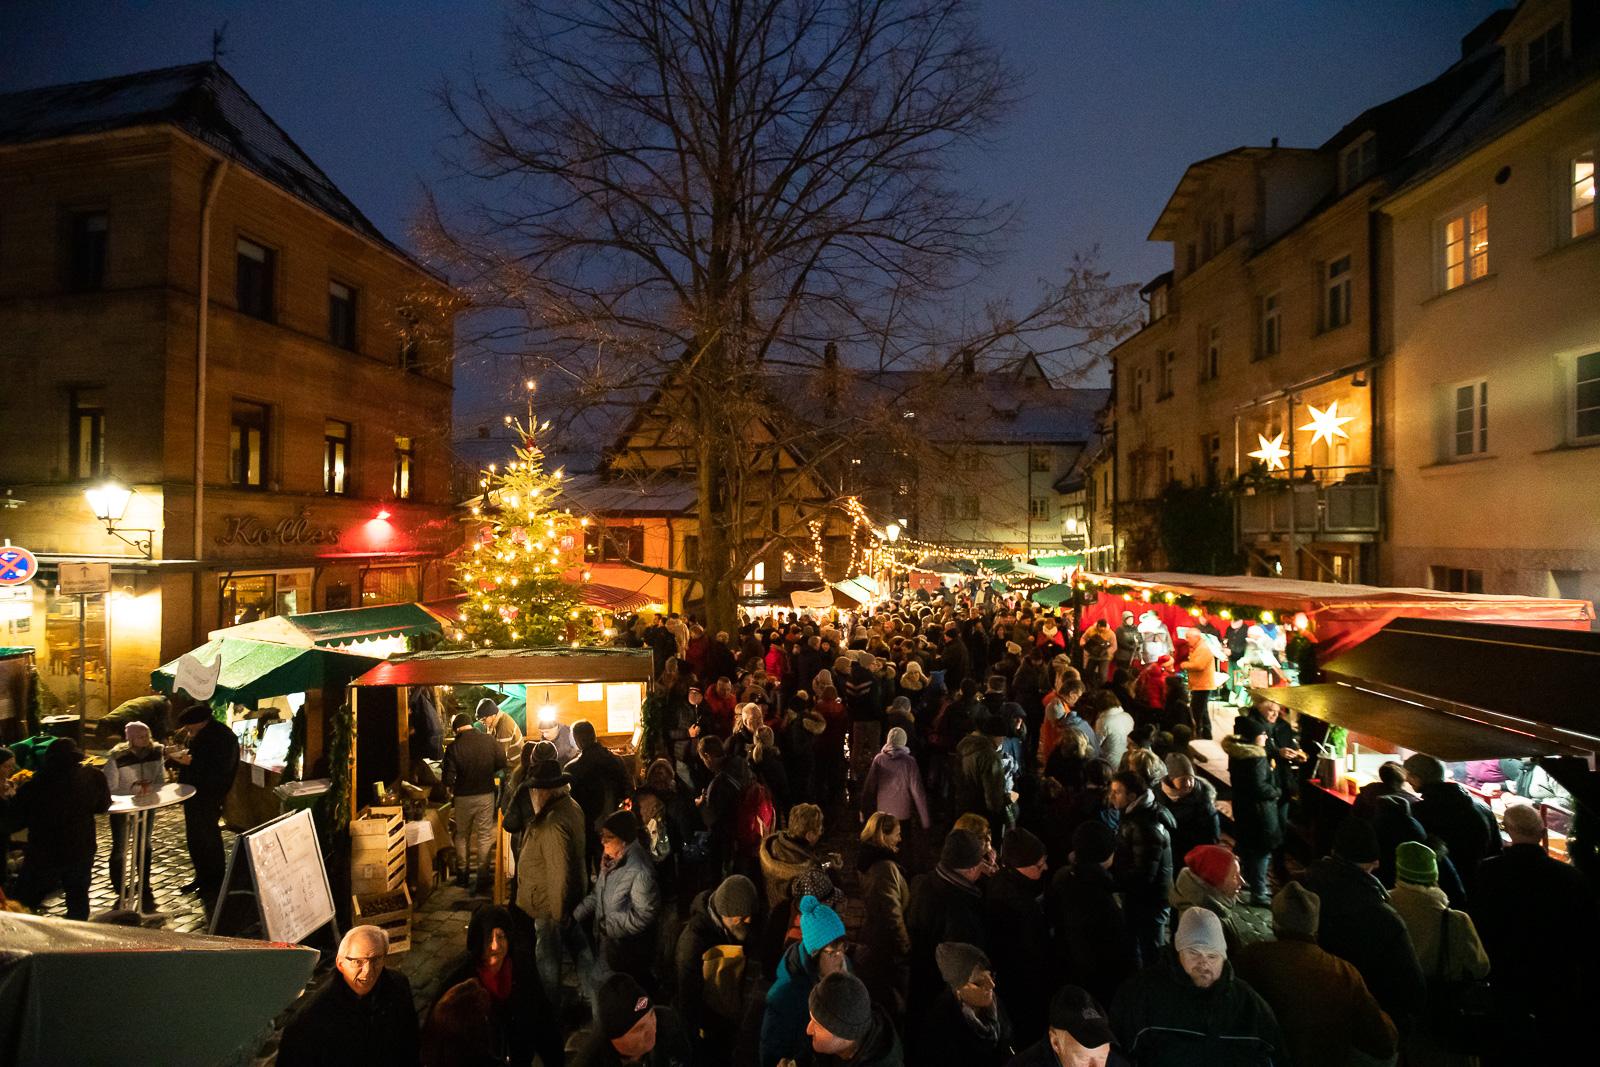 Weihnachtsmarkt Waagplatz Fürth